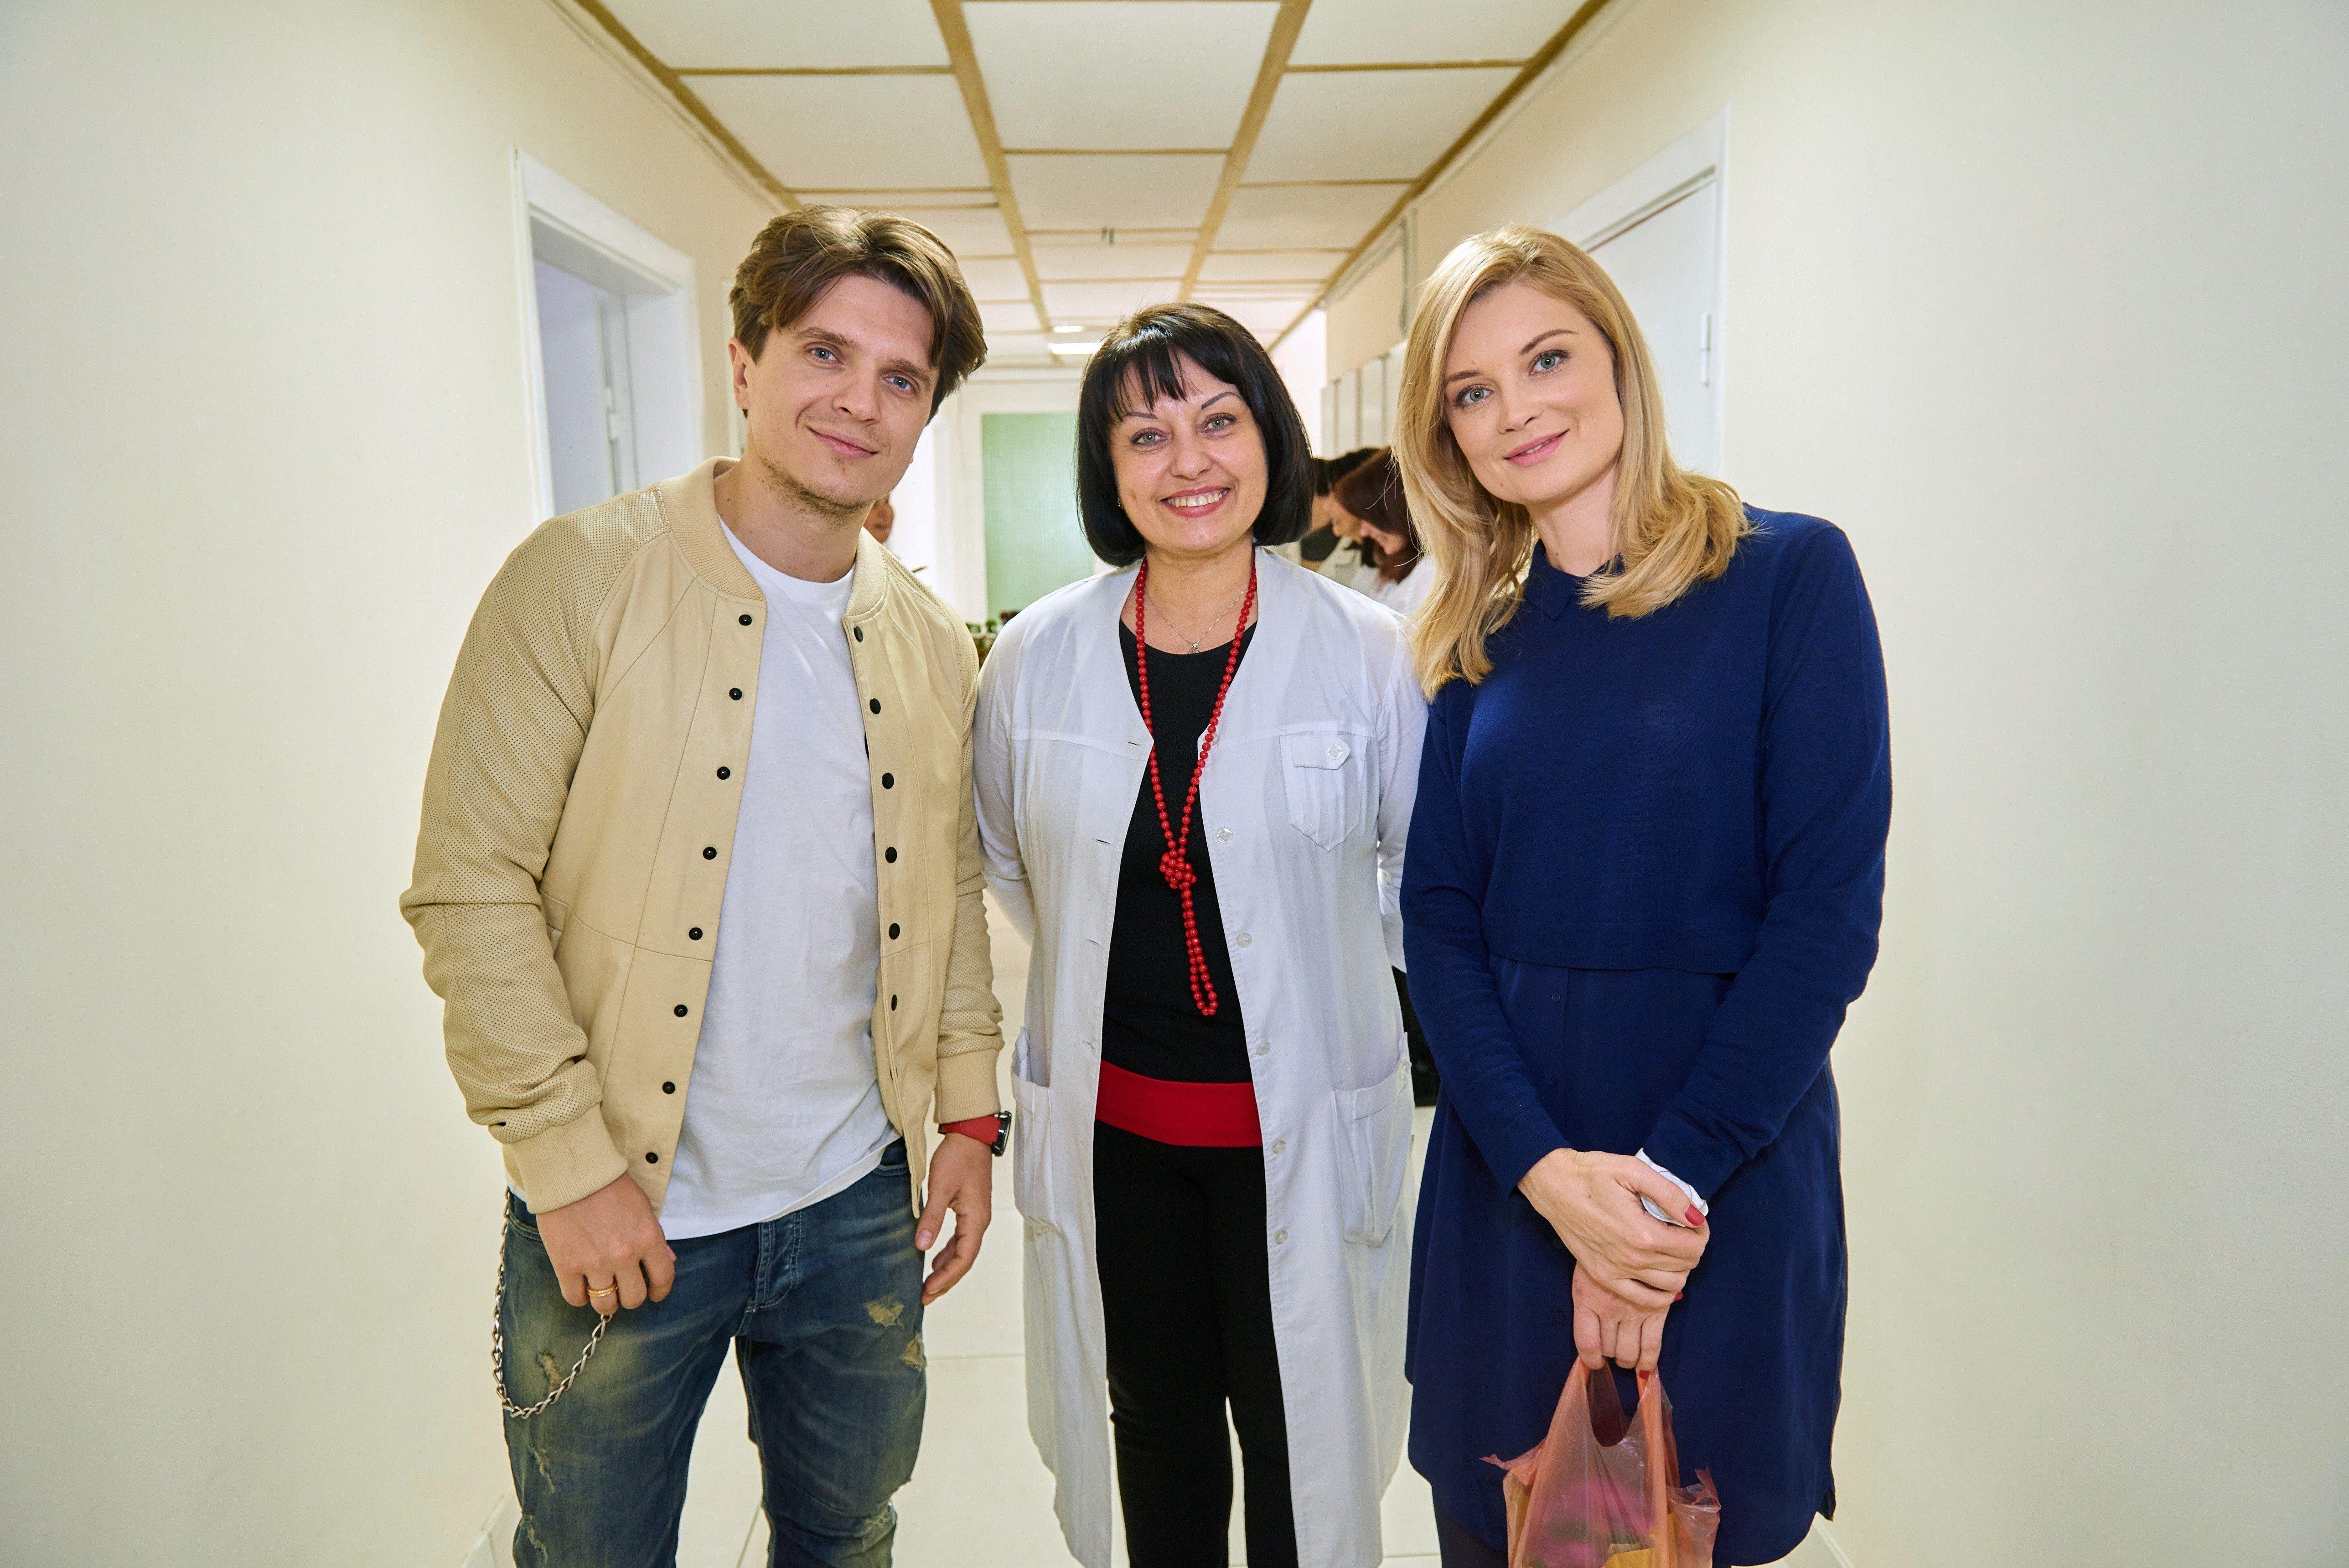 Лідія Таран і Анатолій Анатоліч відвідали Національну дитячу лікарню «ОХМАТДИТ» _5